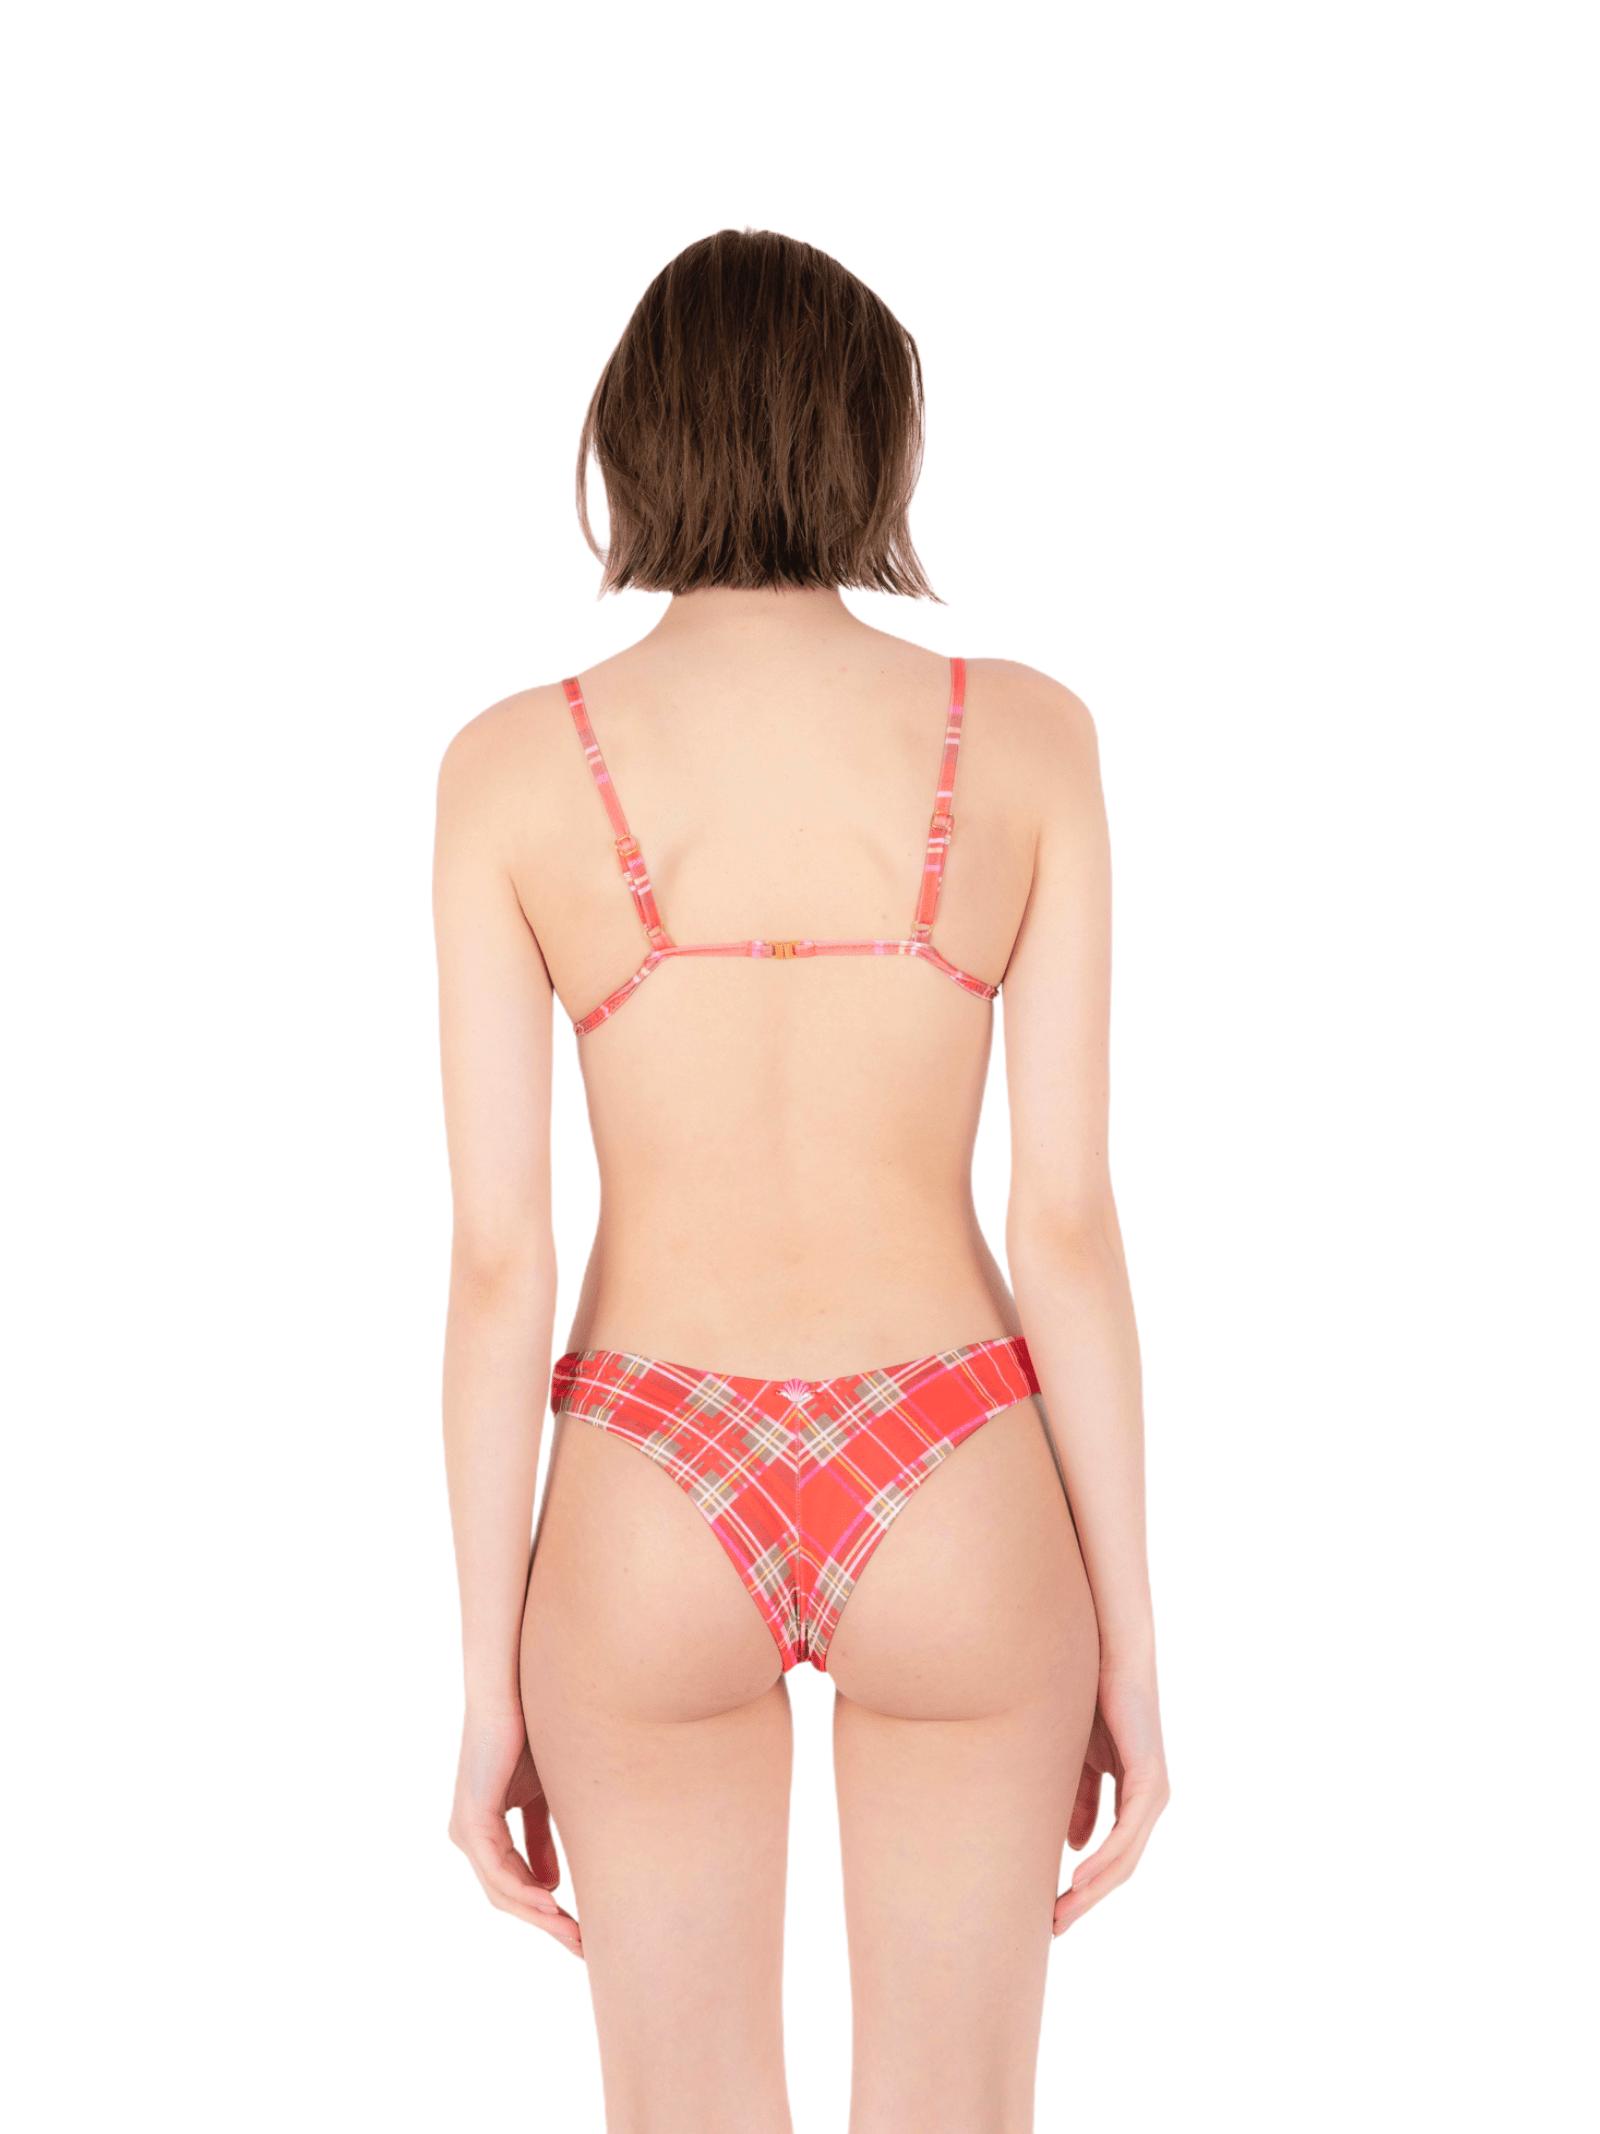 Bikini triangolo con slip alto ANNAMARE | 23 | BK-102ROSSO